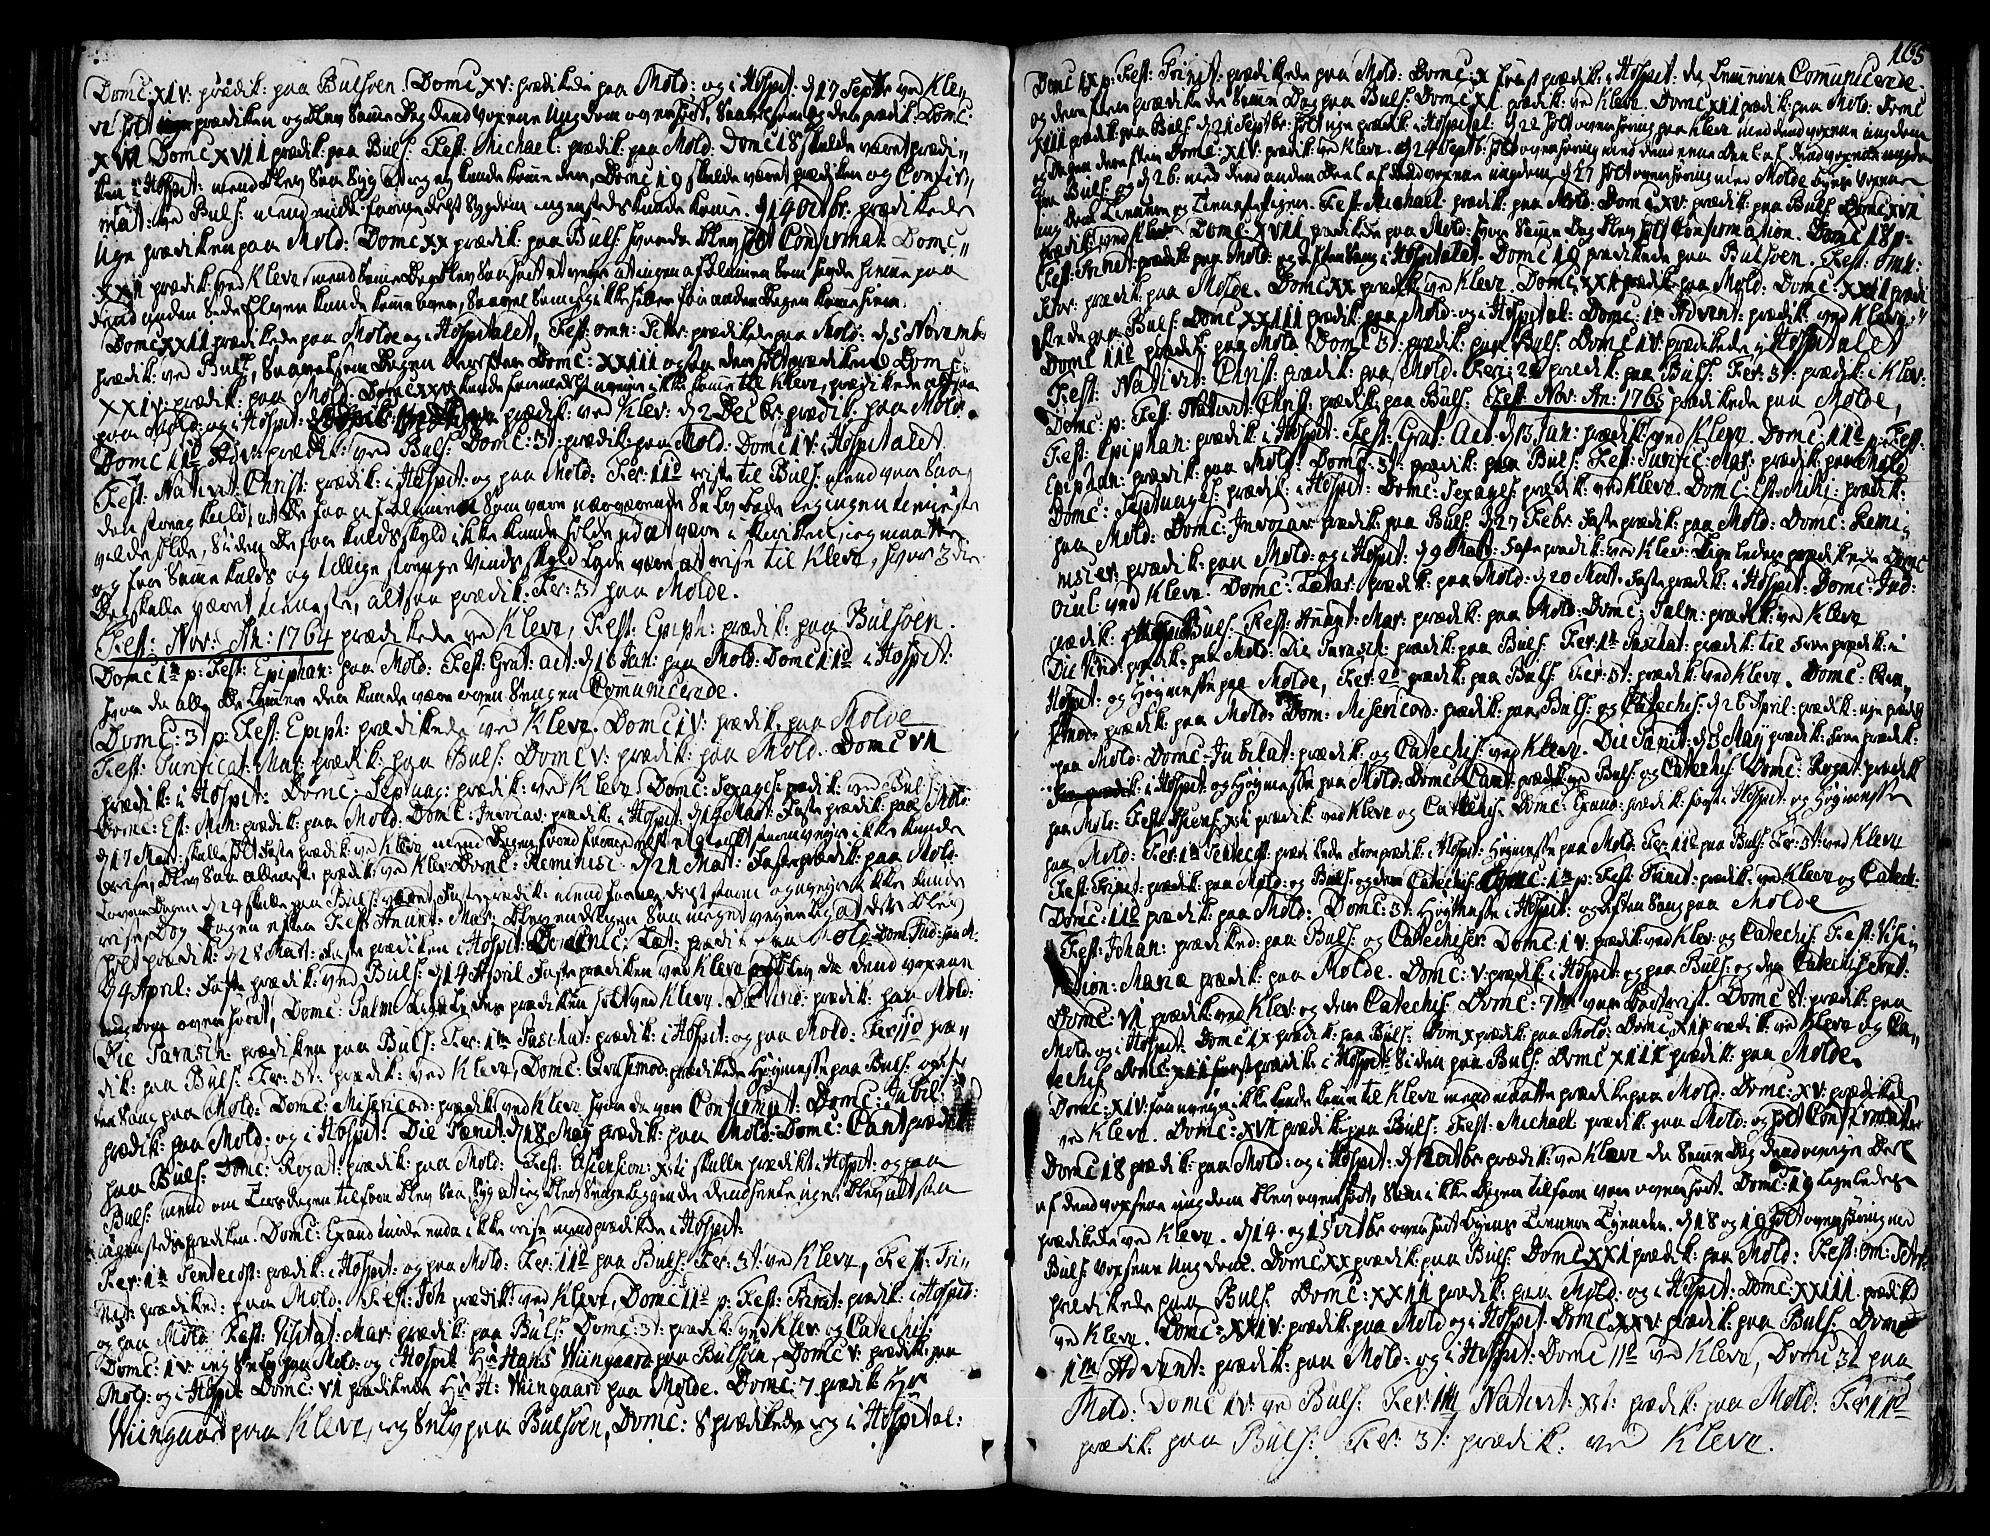 SAT, Ministerialprotokoller, klokkerbøker og fødselsregistre - Møre og Romsdal, 555/L0648: Ministerialbok nr. 555A01, 1759-1793, s. 165